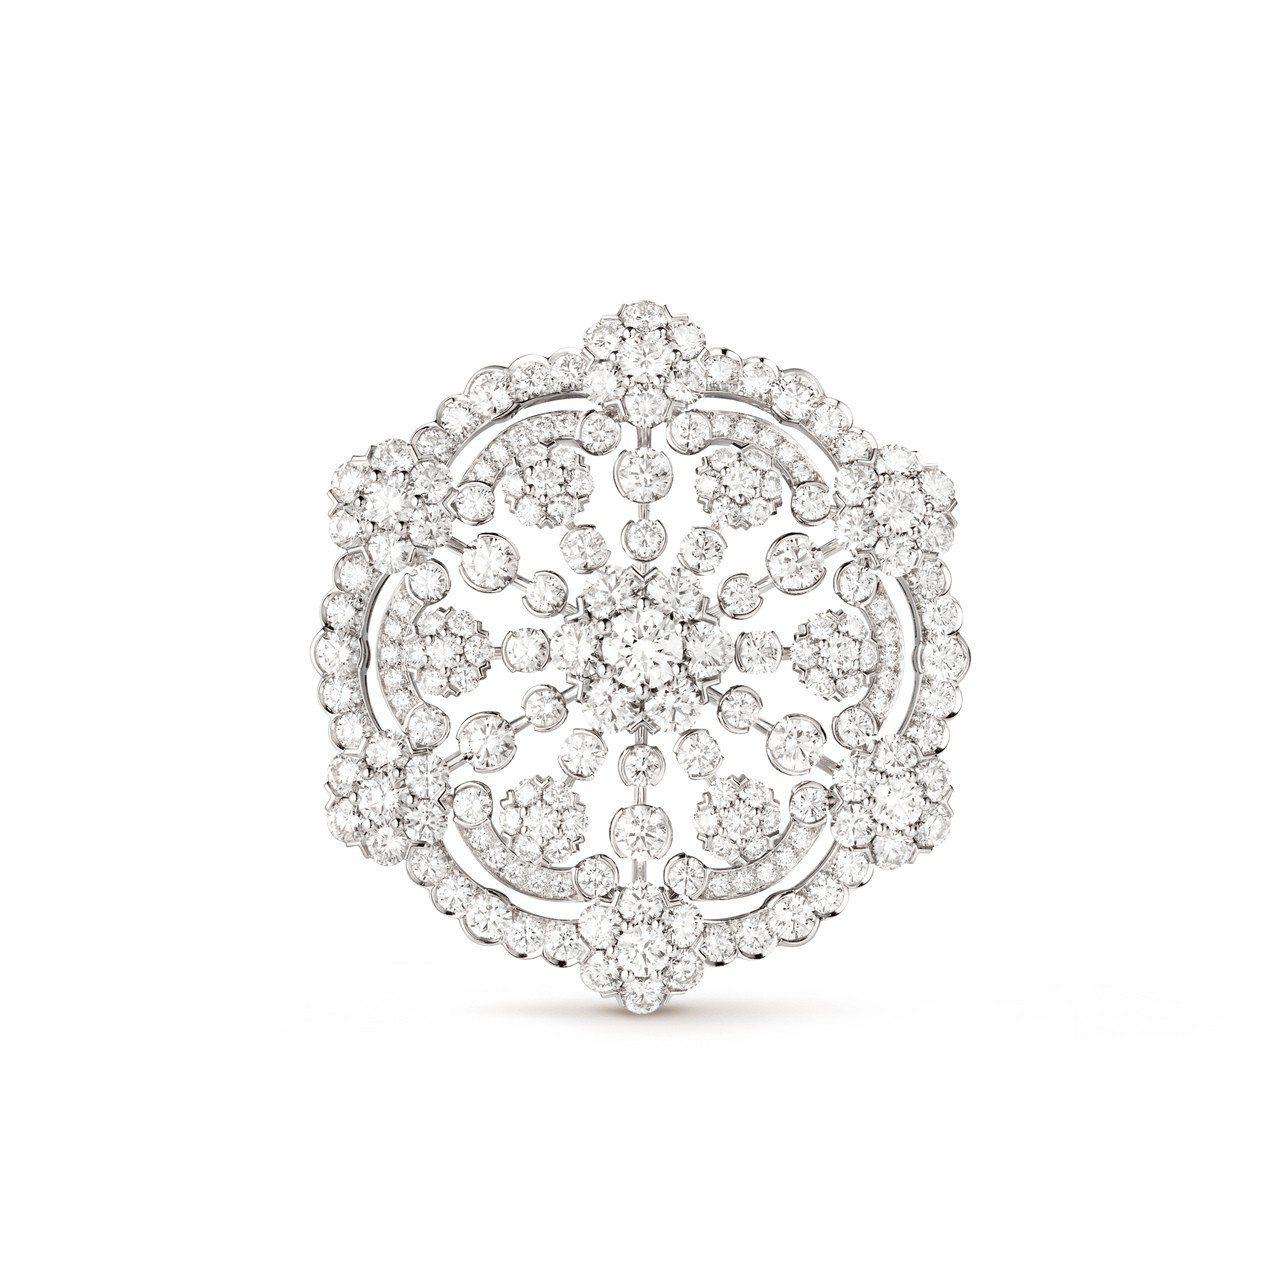 梵克雅寶Snowflake胸針可當作吊墜配戴,鉑金與白K金鑲嵌鑽石,價格店洽。圖...